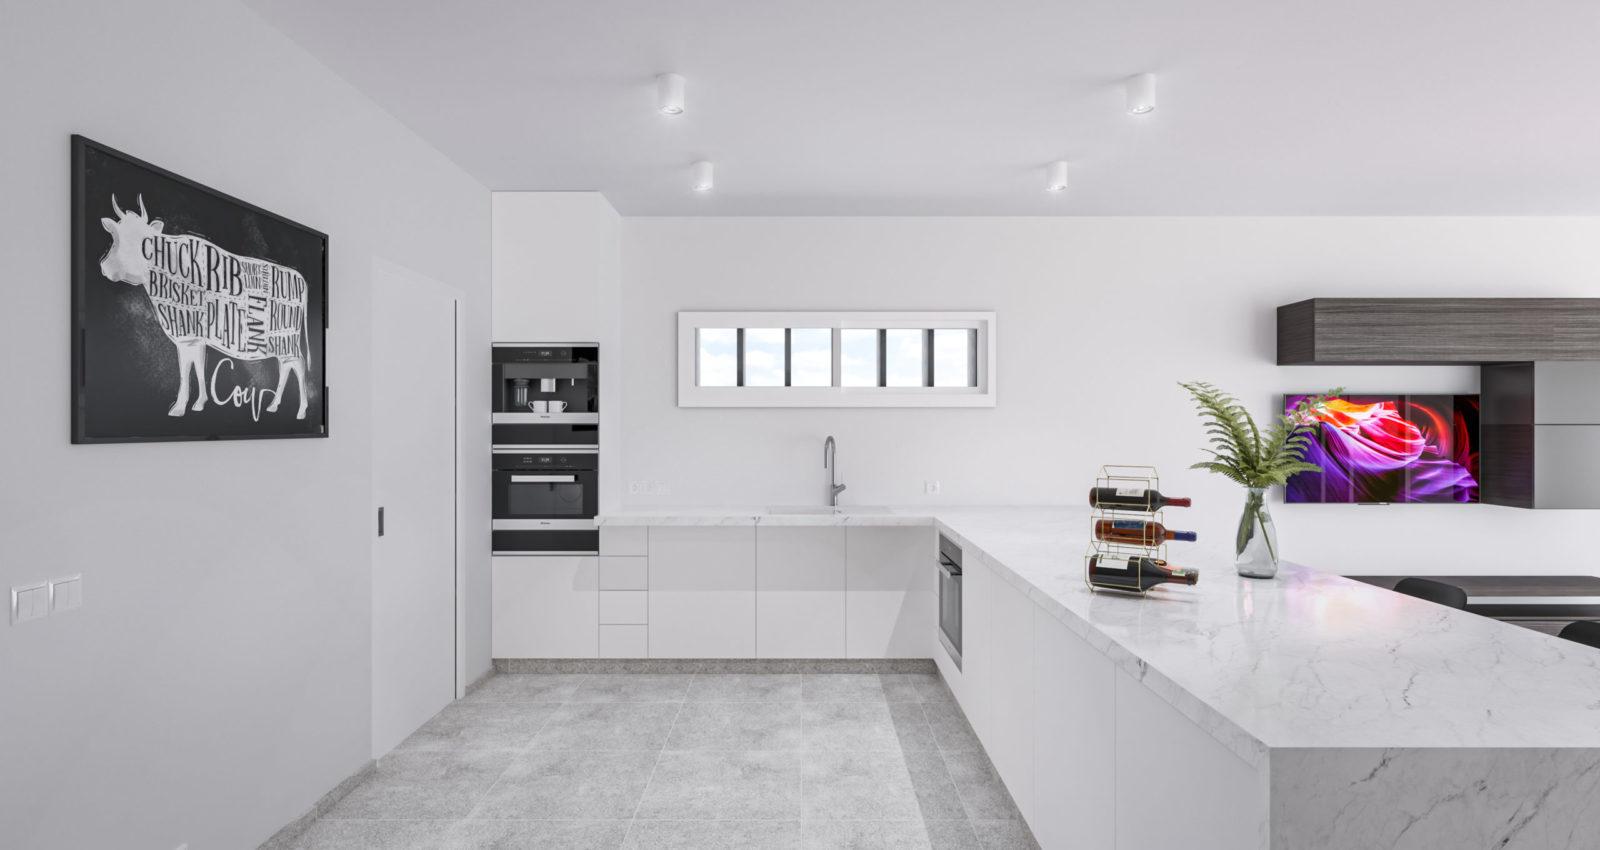 interior kitchen cam 5 pp lr